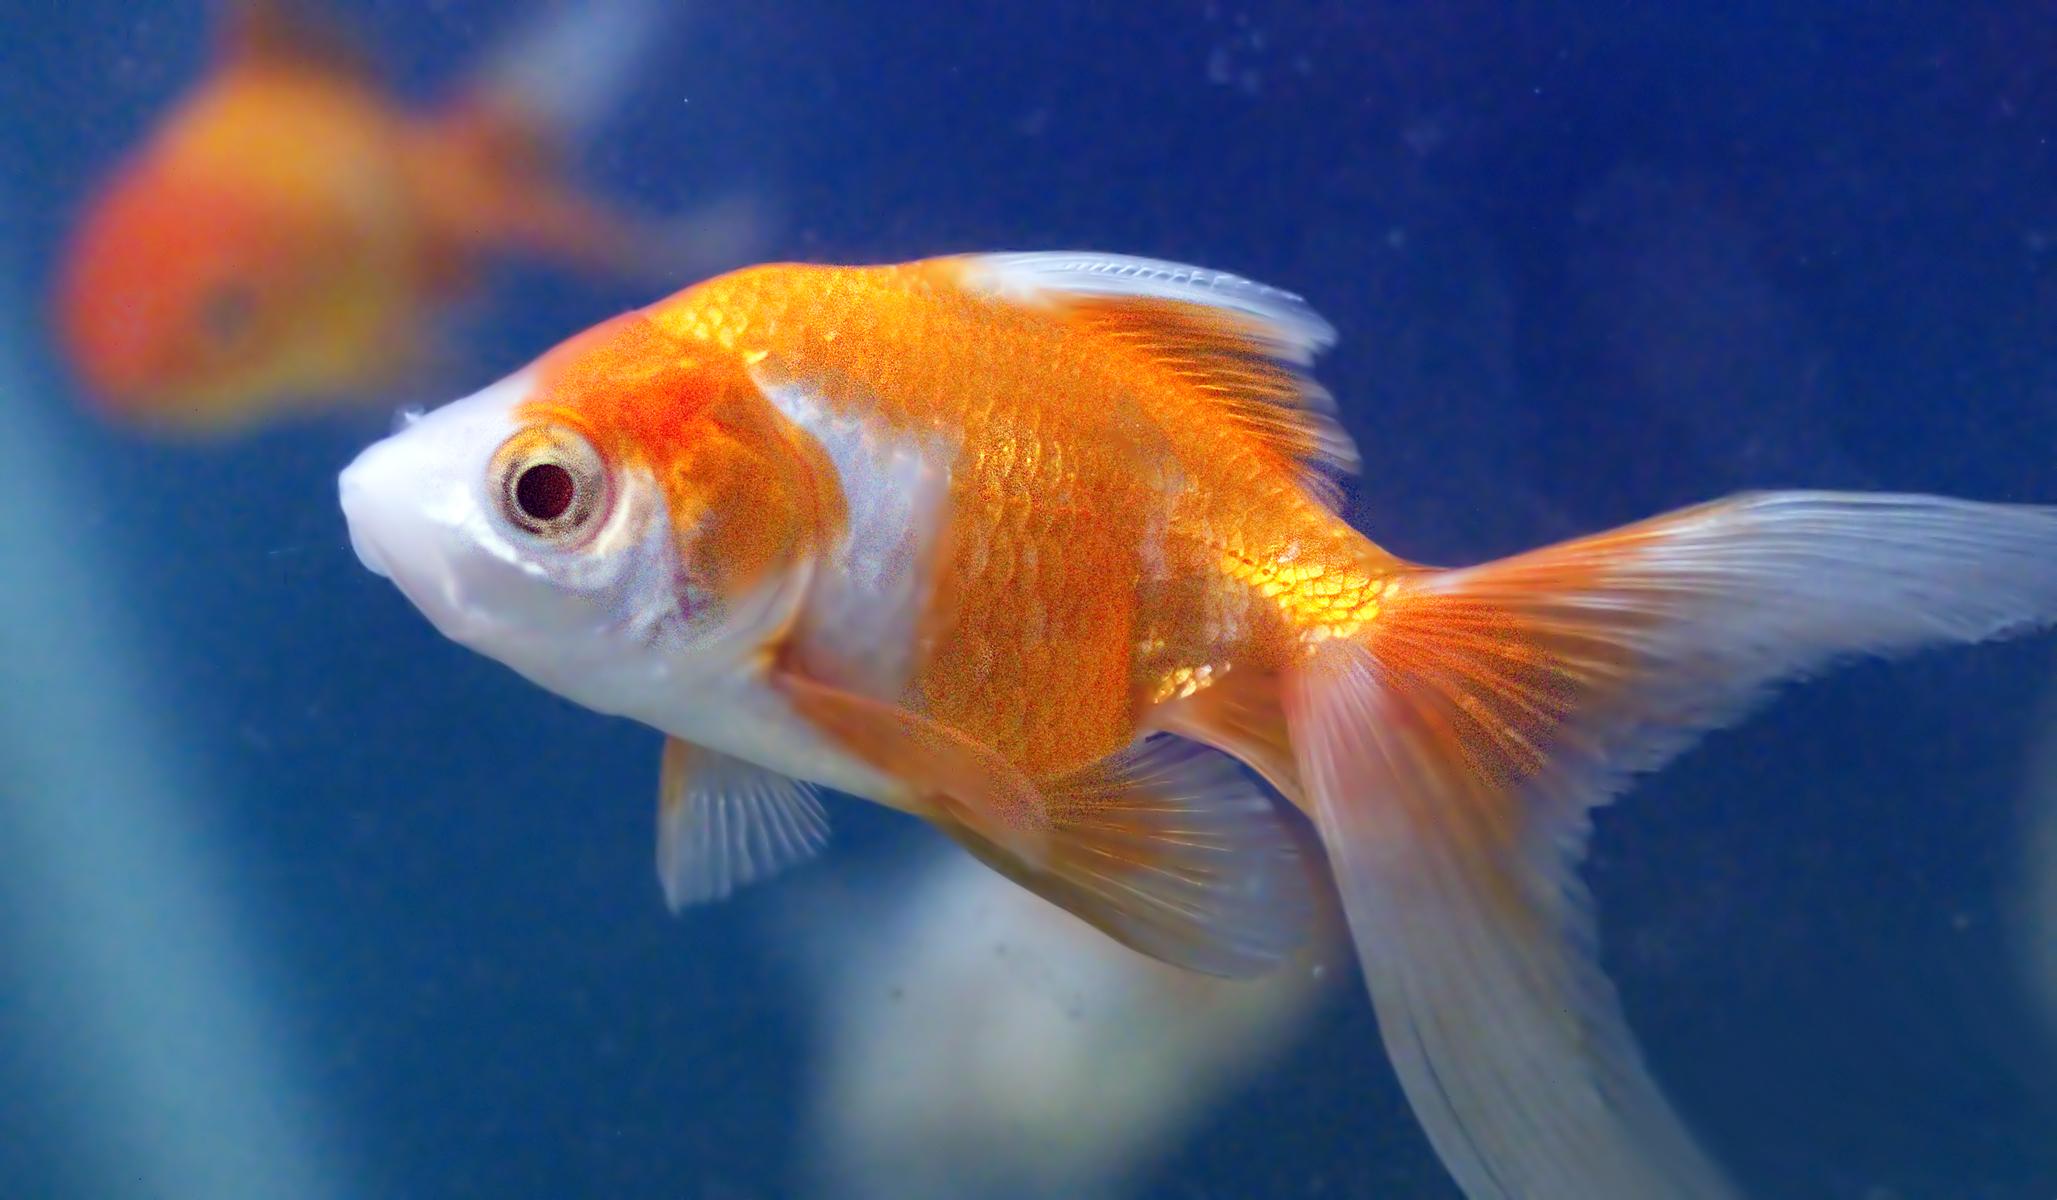 Myślisz, że wiesz wszystko o rybach? Sprawdź swoją wiedzę!